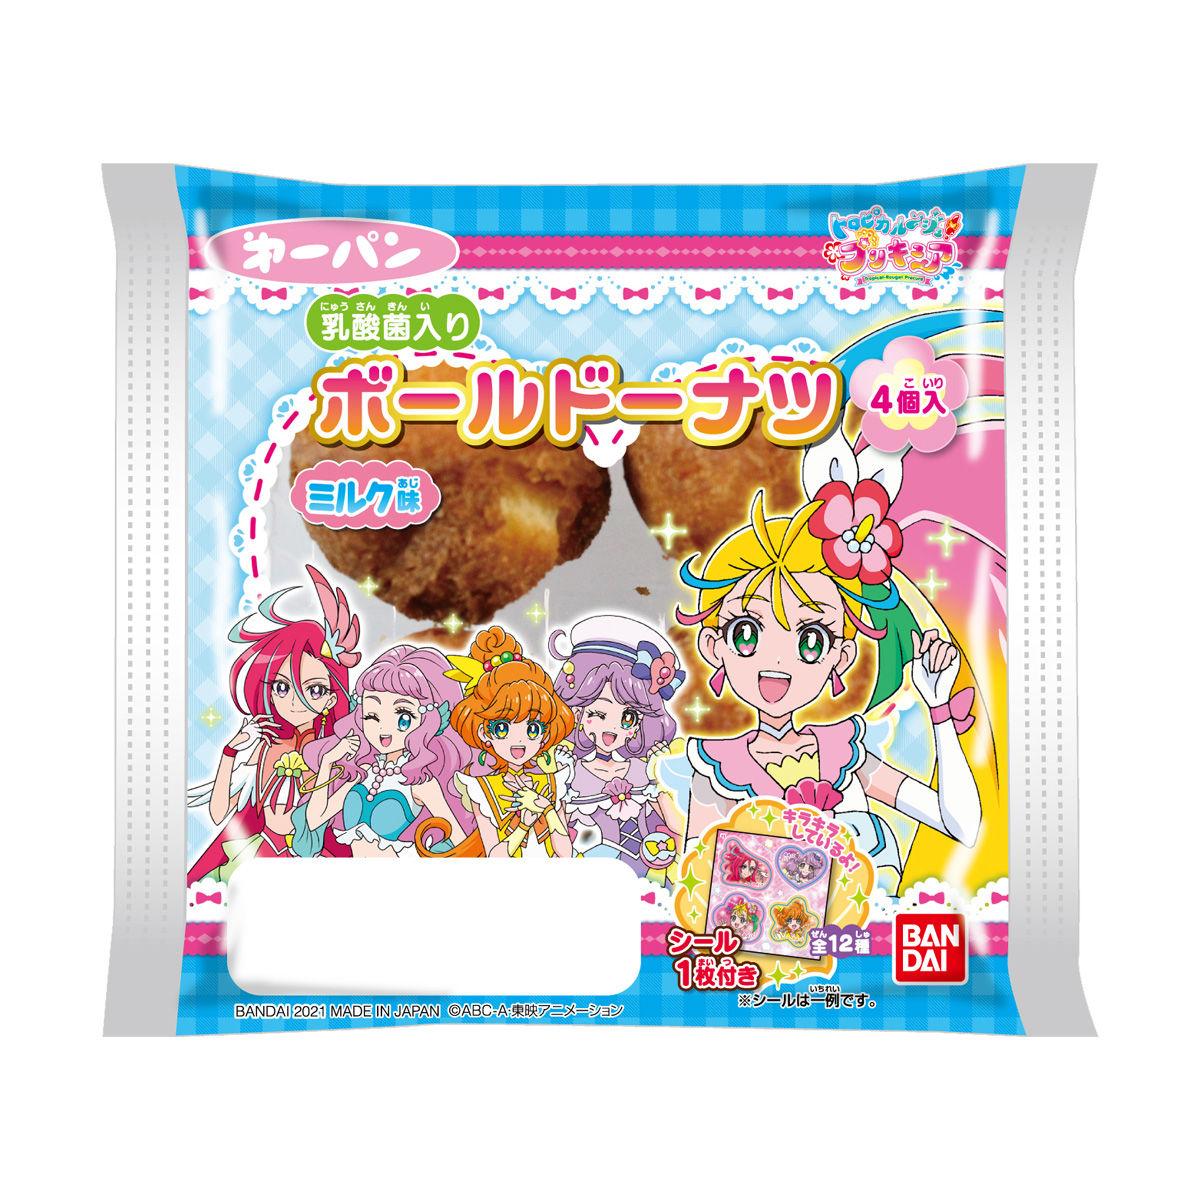 トロピカル~ジュ!プリキュア  ボールドーナツミルク味_0